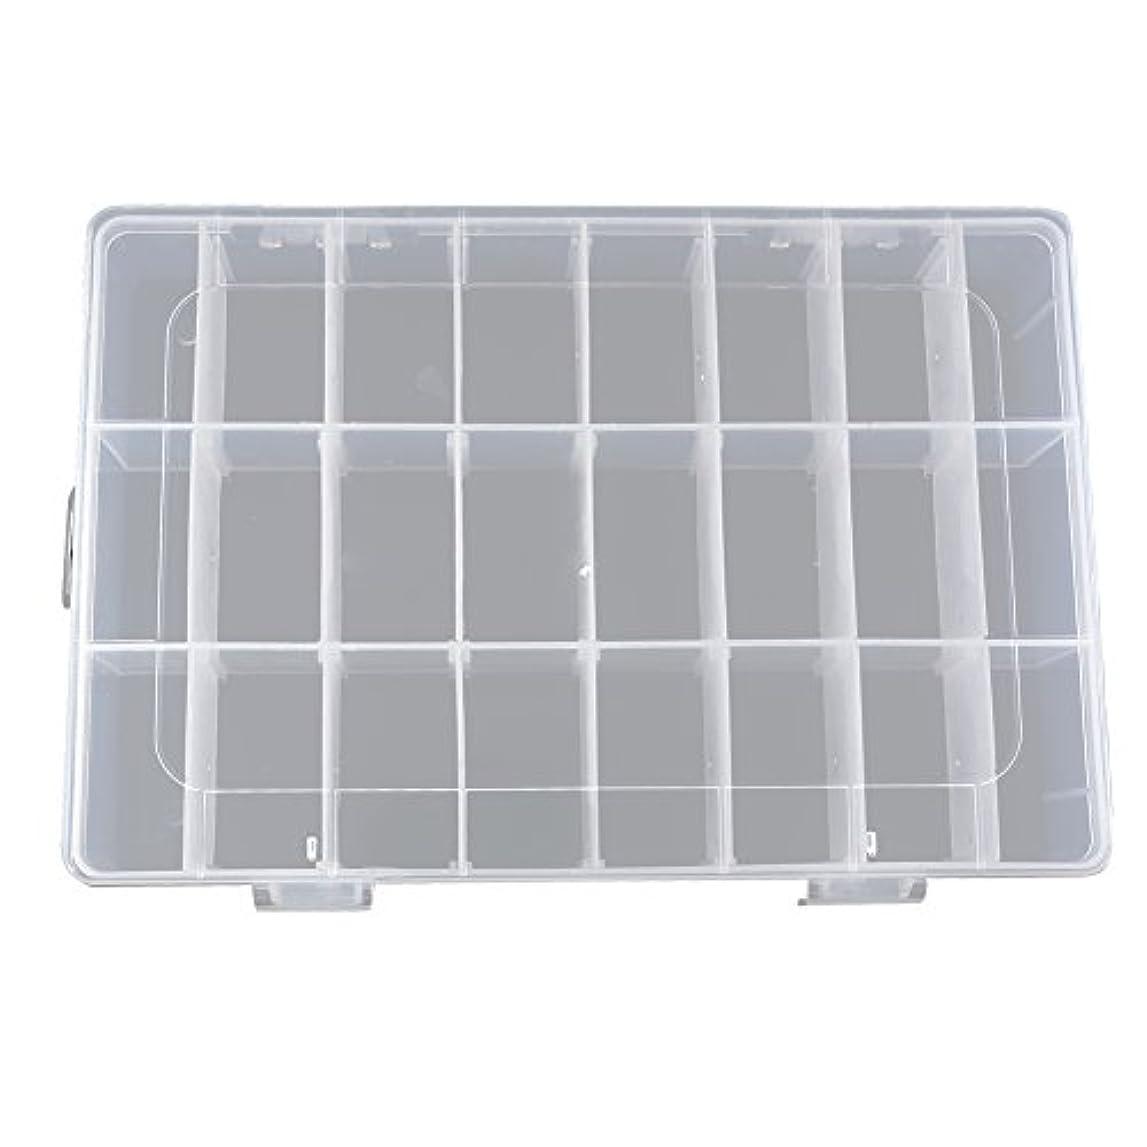 静けさマイクロプロセッサ浜辺alloet fishing-accessoriesボックス24スロット透明プラスチック釣りルアーボックス